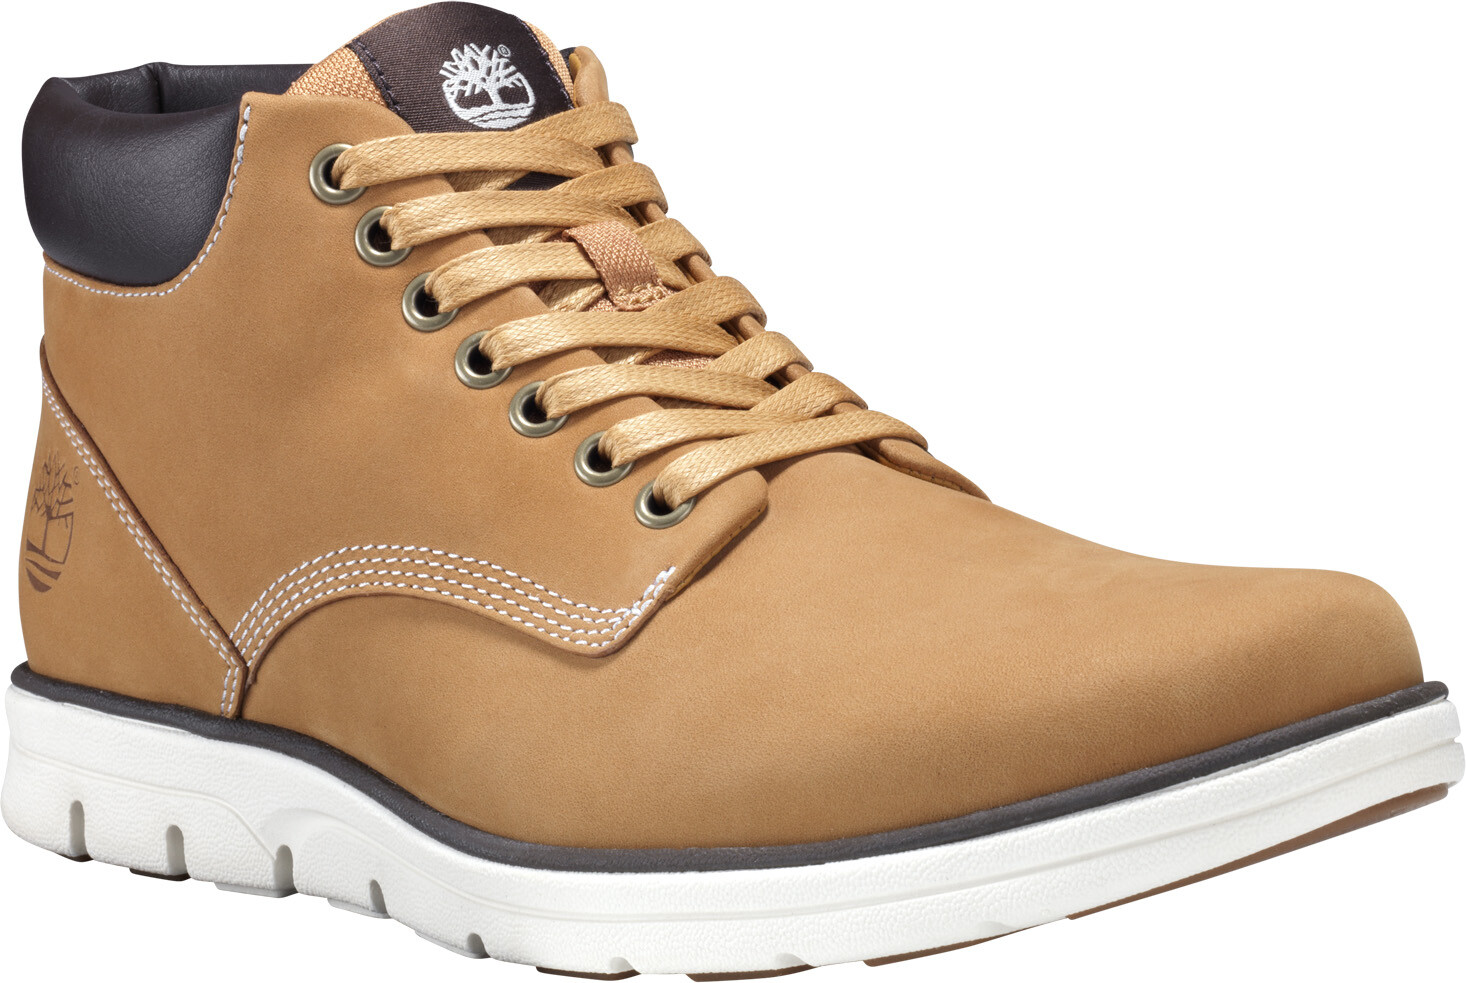 Timberland Bradstreet Chaussures en cuir Chukka Homme, wheat nubuck